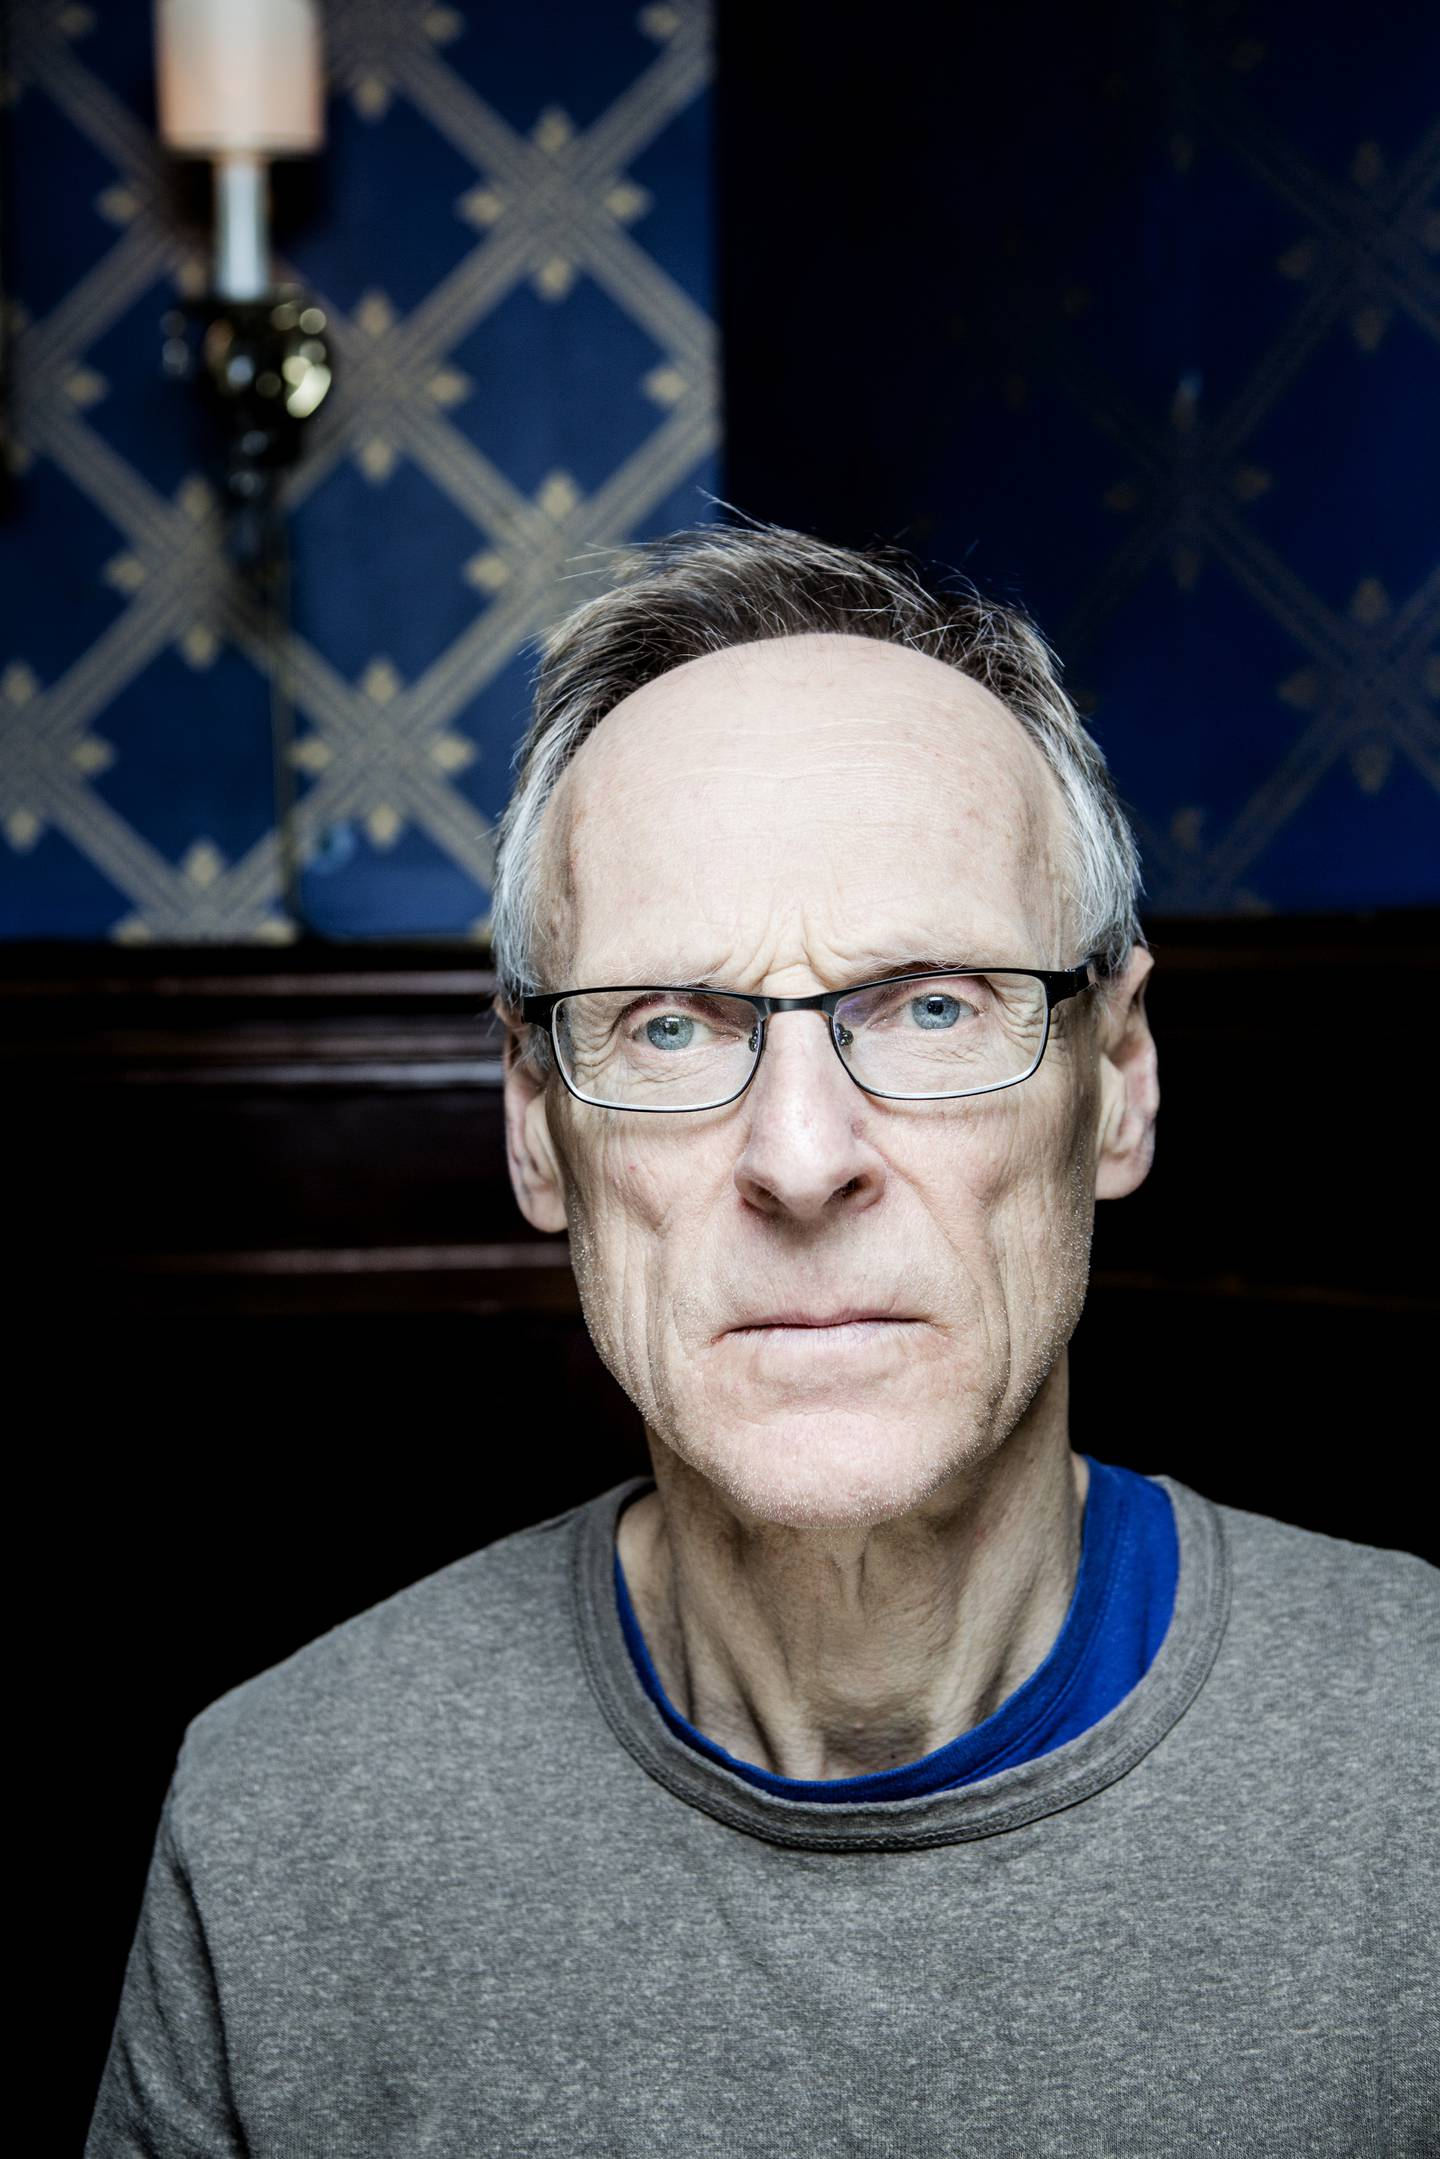 Oslo. 28.11.2014. Kritiker og forfatter Espen Søbye. Foto: Fredrik Bjerknes